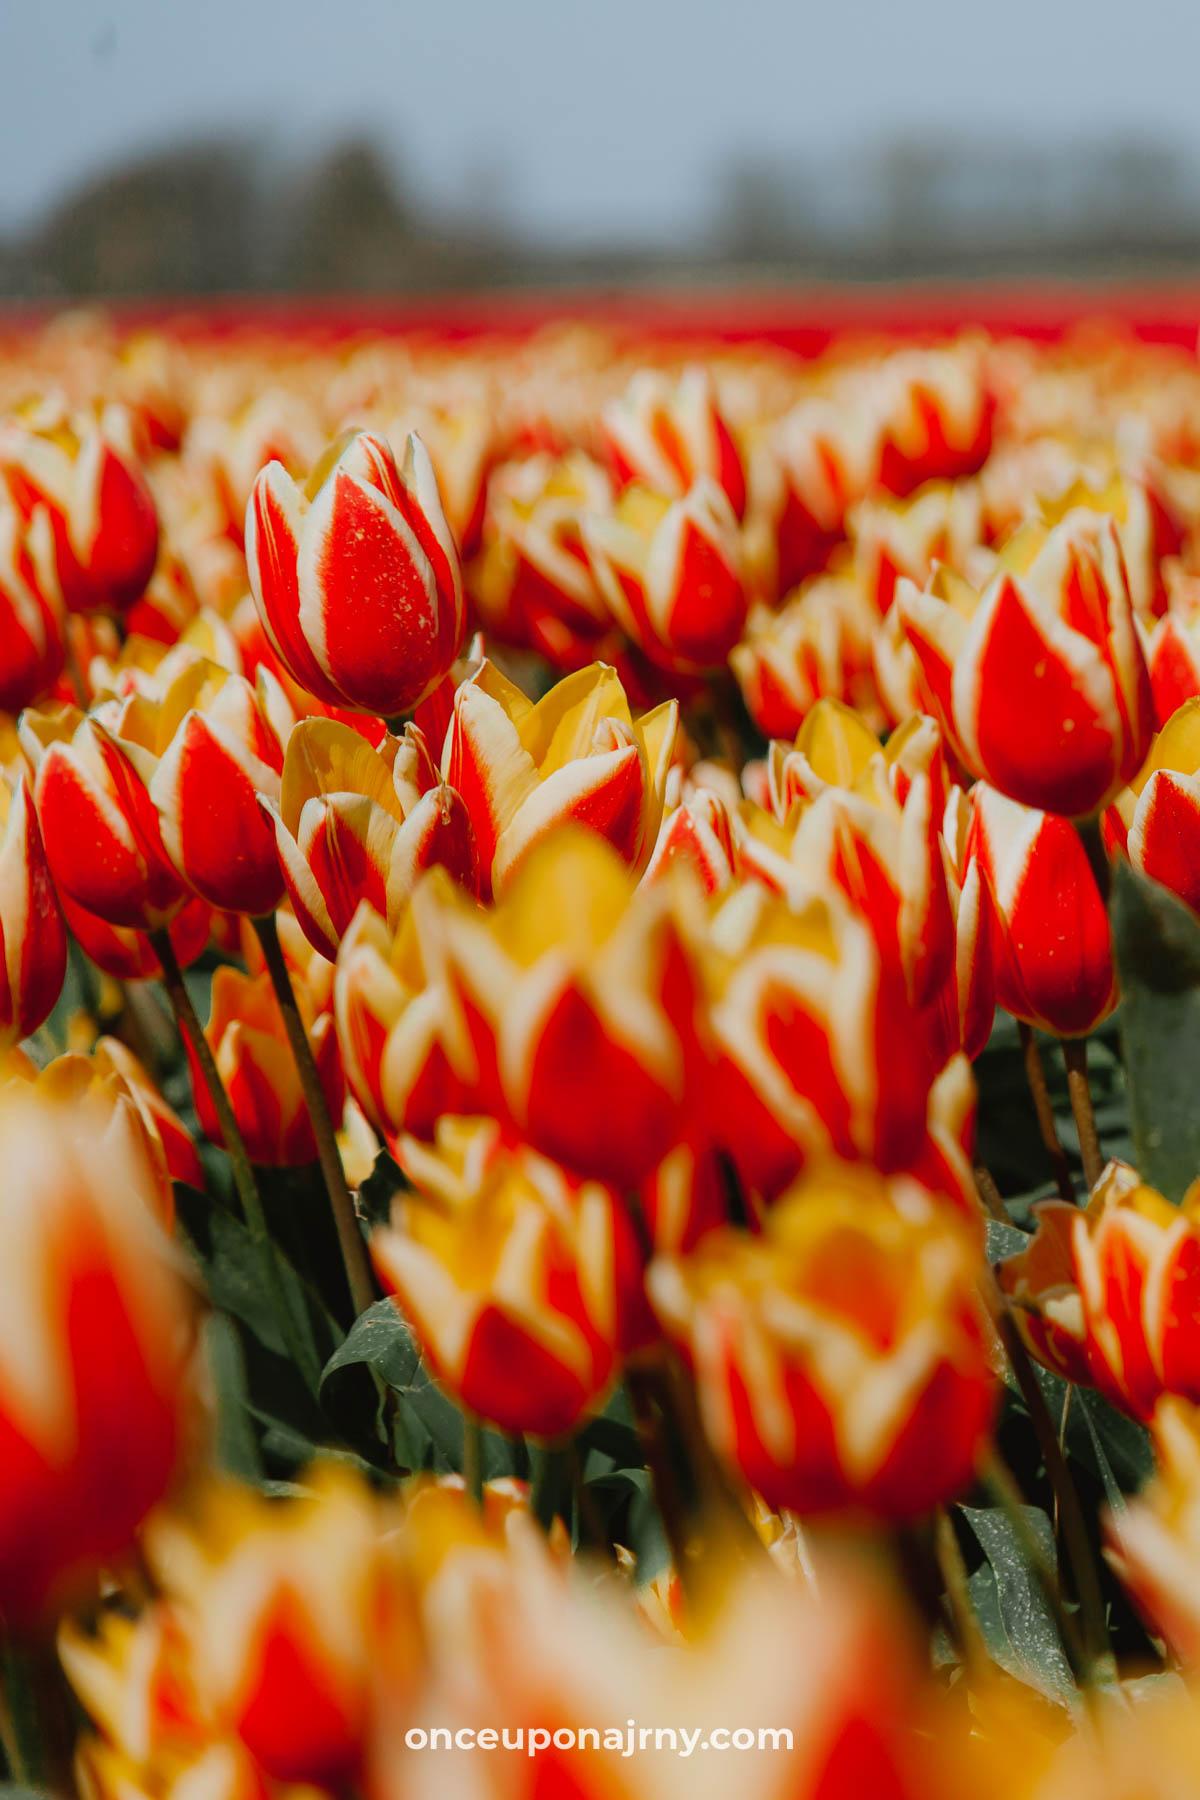 Rood geel tulpenvelden t Zand Kop van Noord-Holland